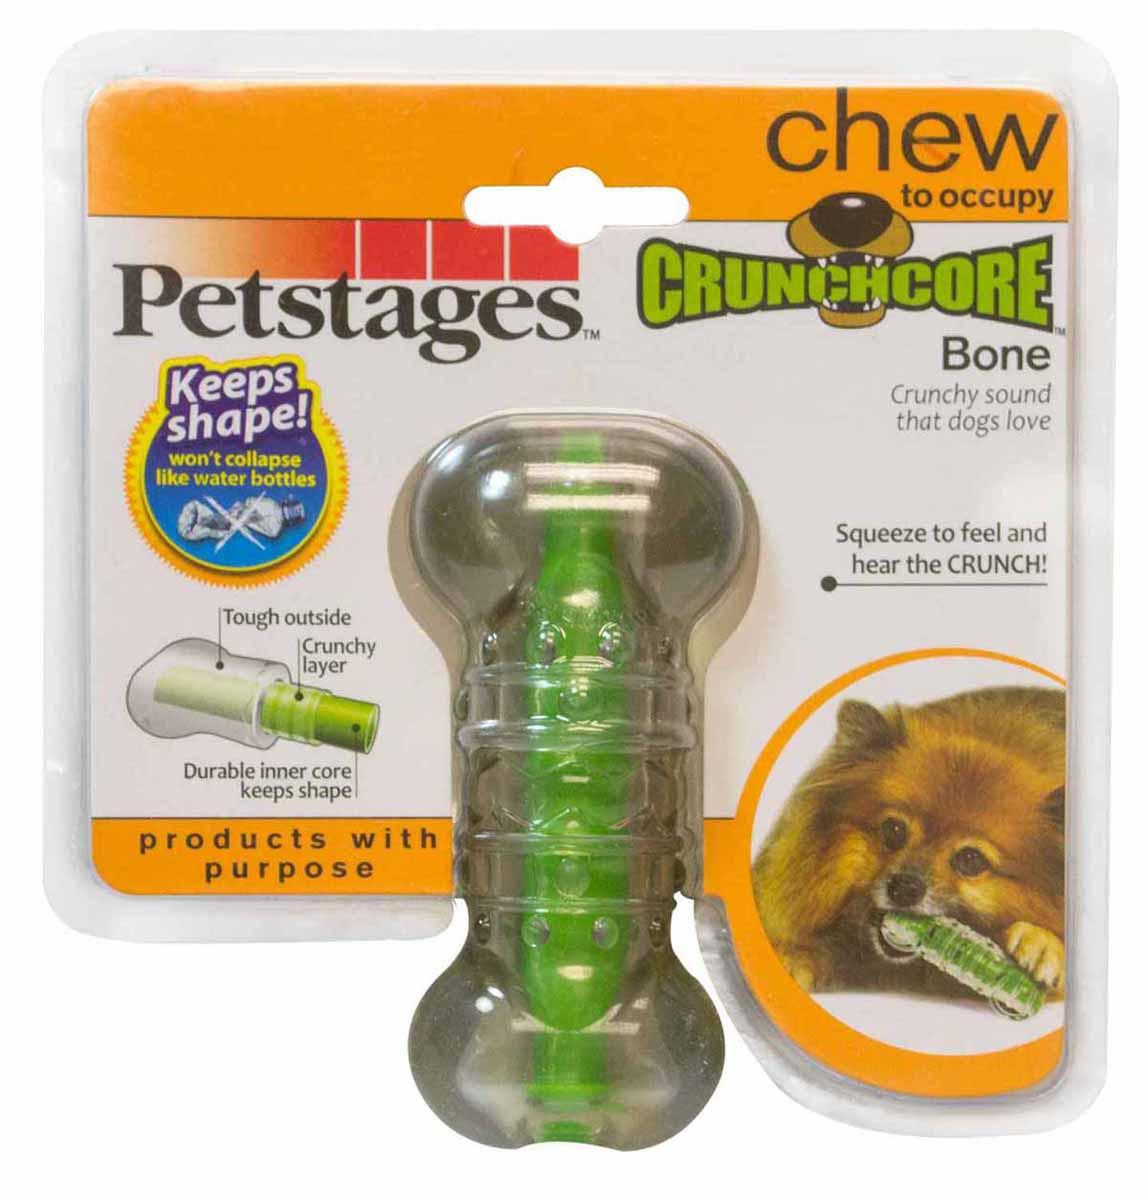 Игрушка для собак Petstages Хрустящая косточка, длина 11 см. 264YEX264YEXИгрушка для собак Petstages Хрустящая косточка предназначена для собак мелких пород. Выполнена из прочной и гибкой синтетической резины. Внутри игрушки имеется сердечник, выполненный из резины и пластика. Пластик издает хрустящий звук в процессе игры, что привлекает собак. Длина игрушки: 11 см. Товар сертифицирован.